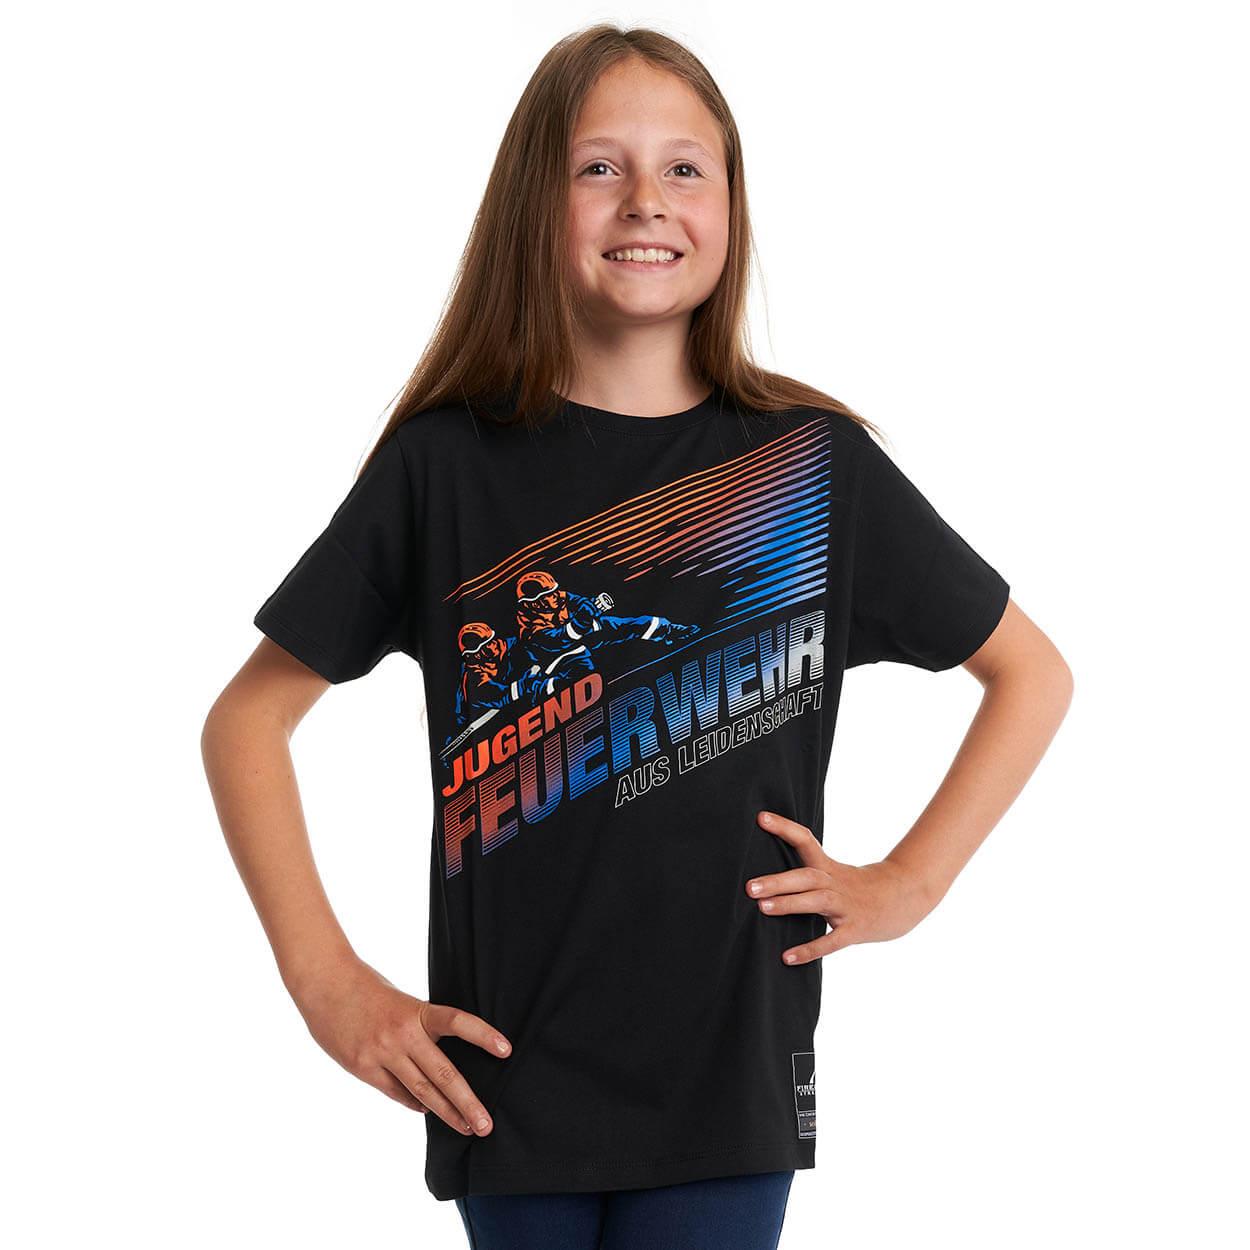 Jugendfeuerwehr aus Leidenschaft - Kinder und Jugend T-Shirt